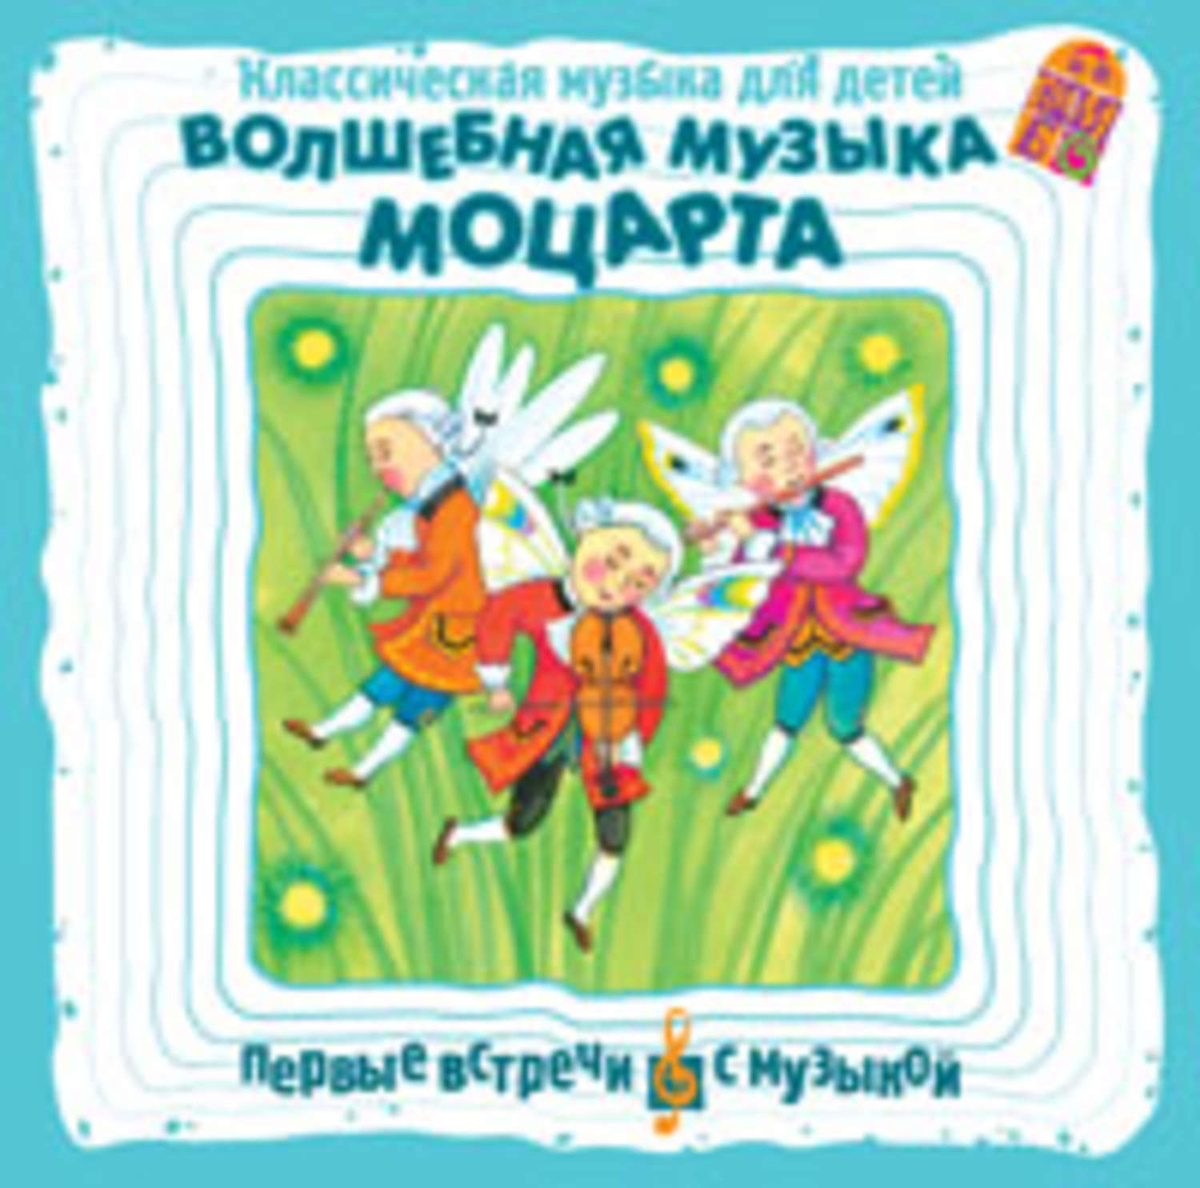 Классическая музыка для детей. Волшебная музыка Моцарта | Моцарт Вольфганг Амадей  #1